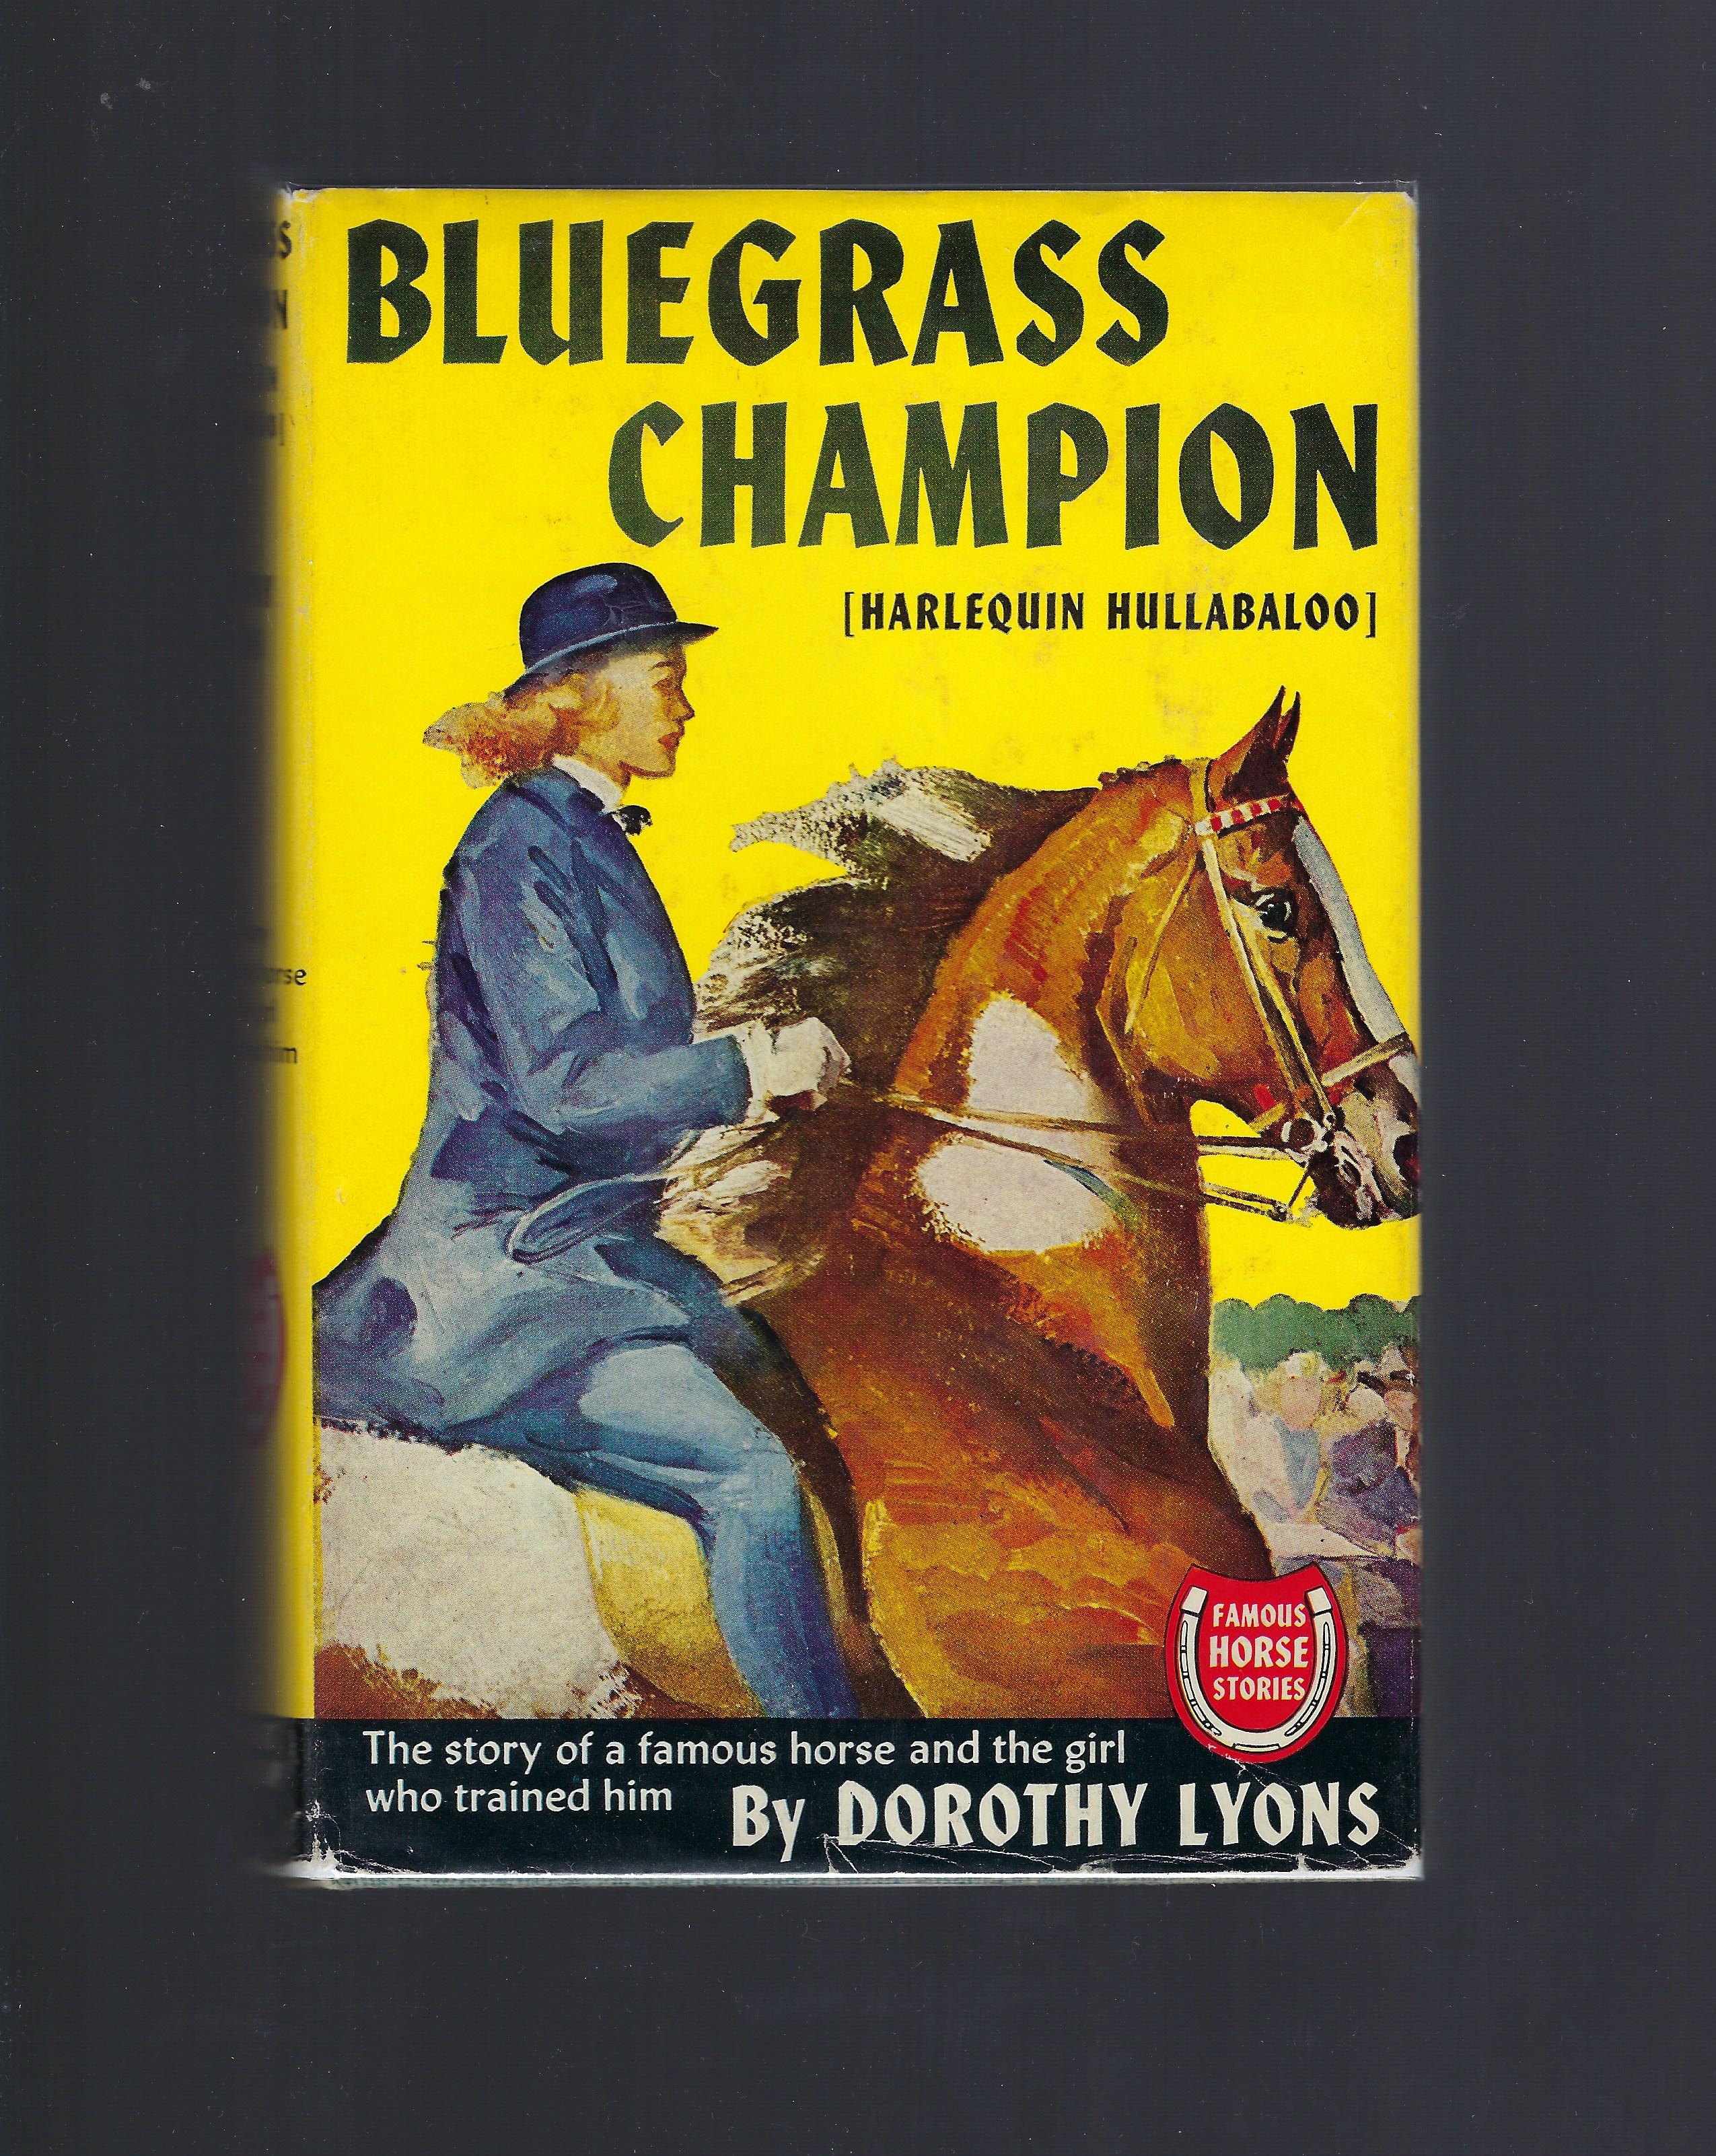 Bluegrass Champion (Harlequin Hullabaloo) (Famous Horse Stories) HB/DJ Wesley Dennis, Dorothy Lyons; Wesley Dennis [Illustrator]